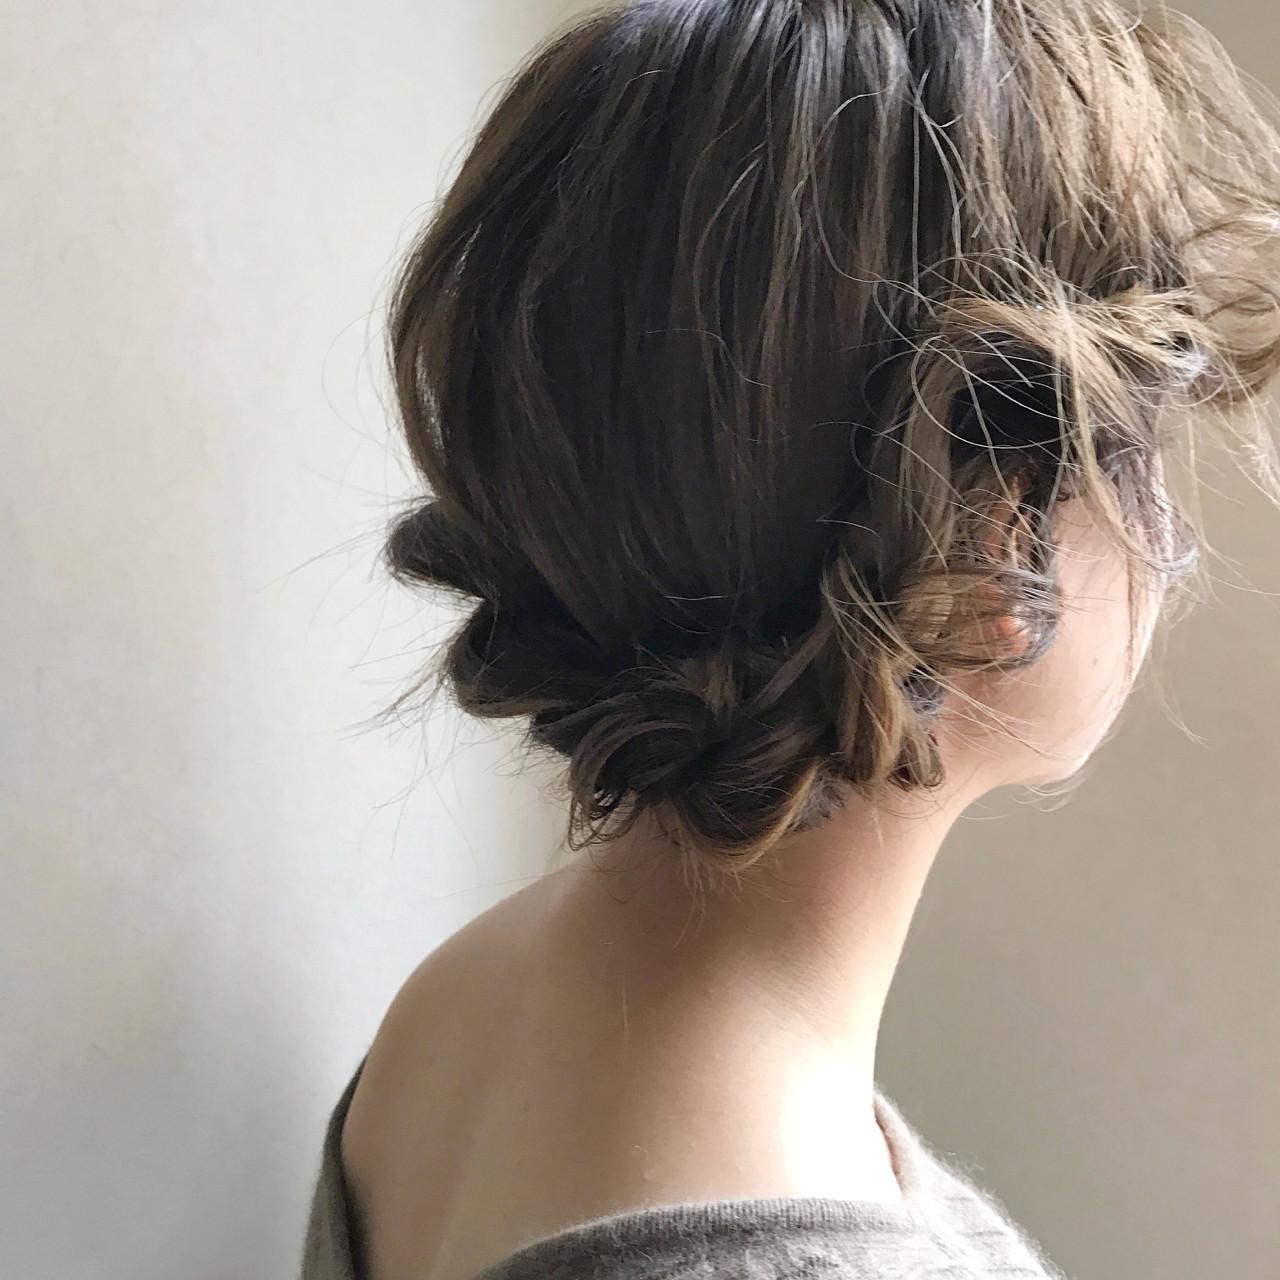 ゆるふわなミディアムヘアのロープ編みアレンジ 吉田将大 | Ricetto